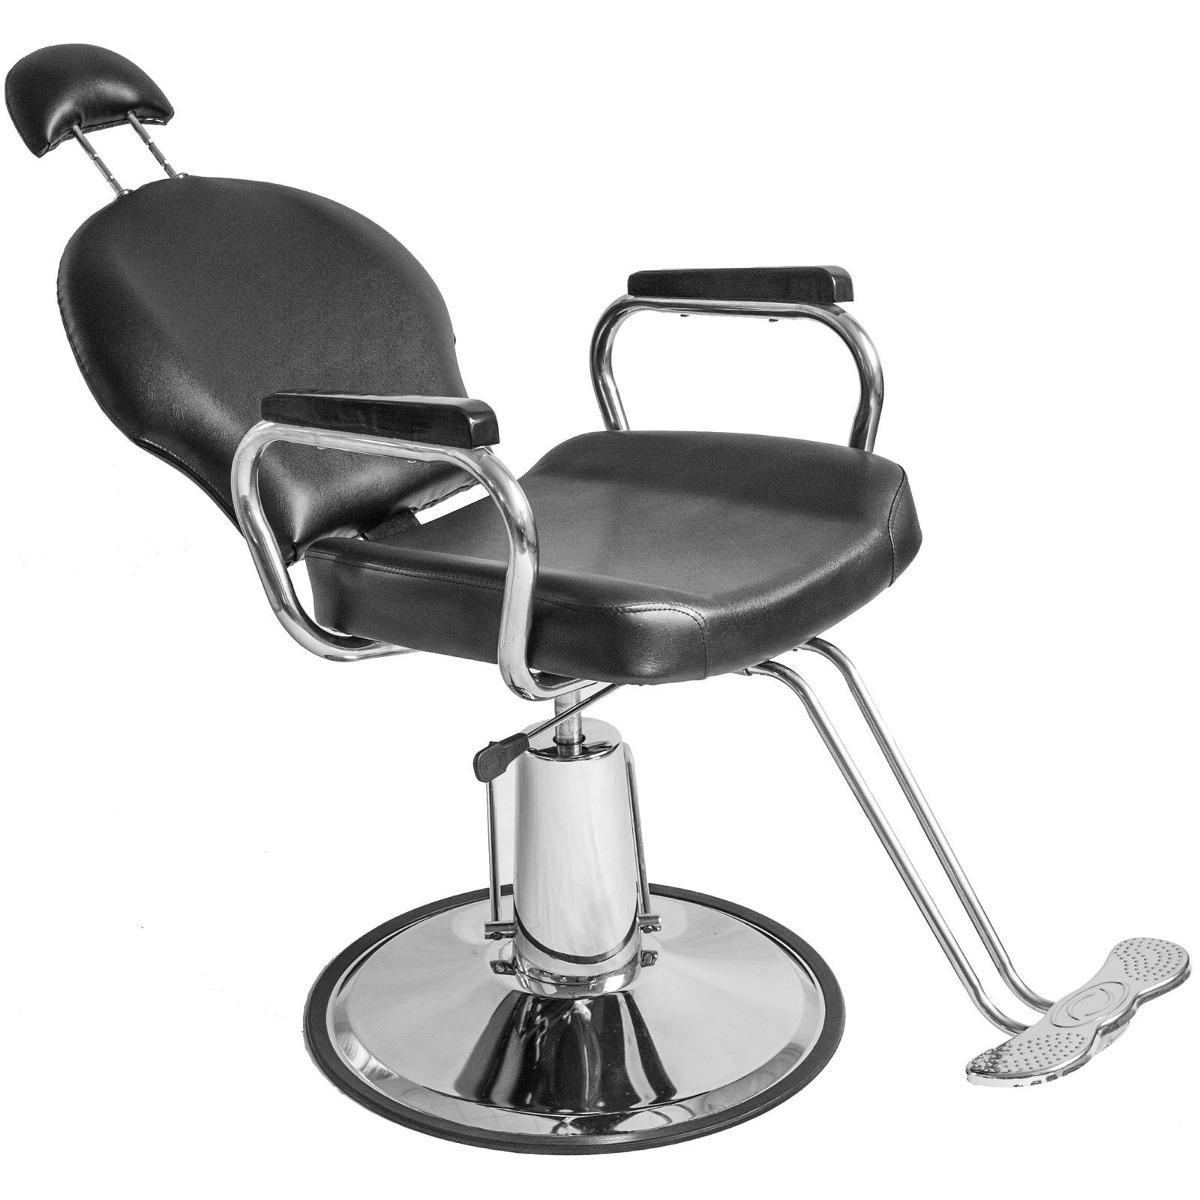 Silla reclinable estetica hidraulica sillon barberia for Sillas para tatuar